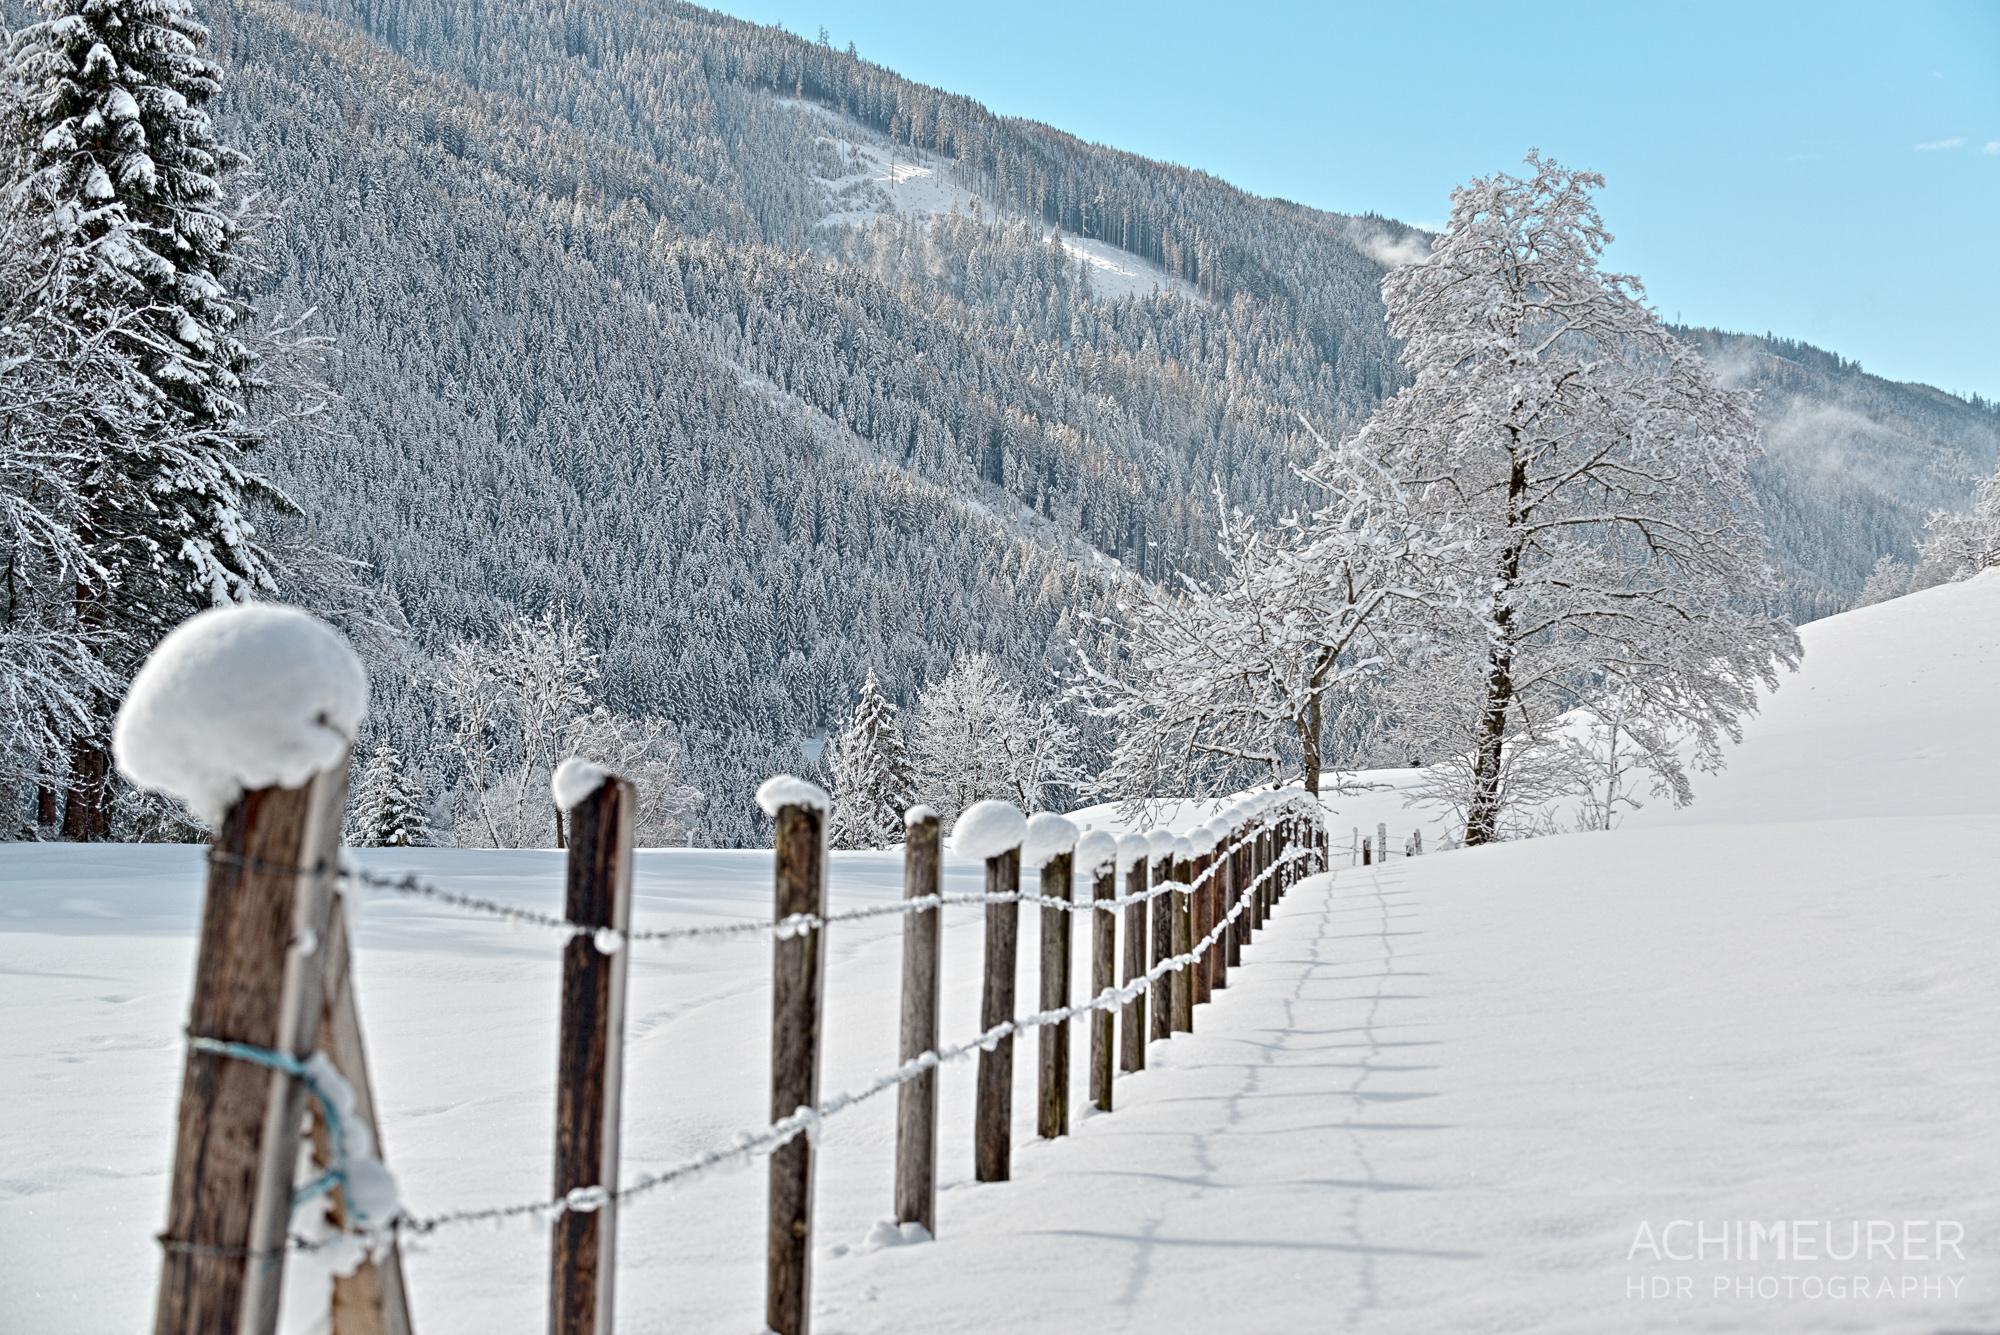 Die-schoensten-Winterfotos-Winterlandschaft-28 by Achim Meurer.